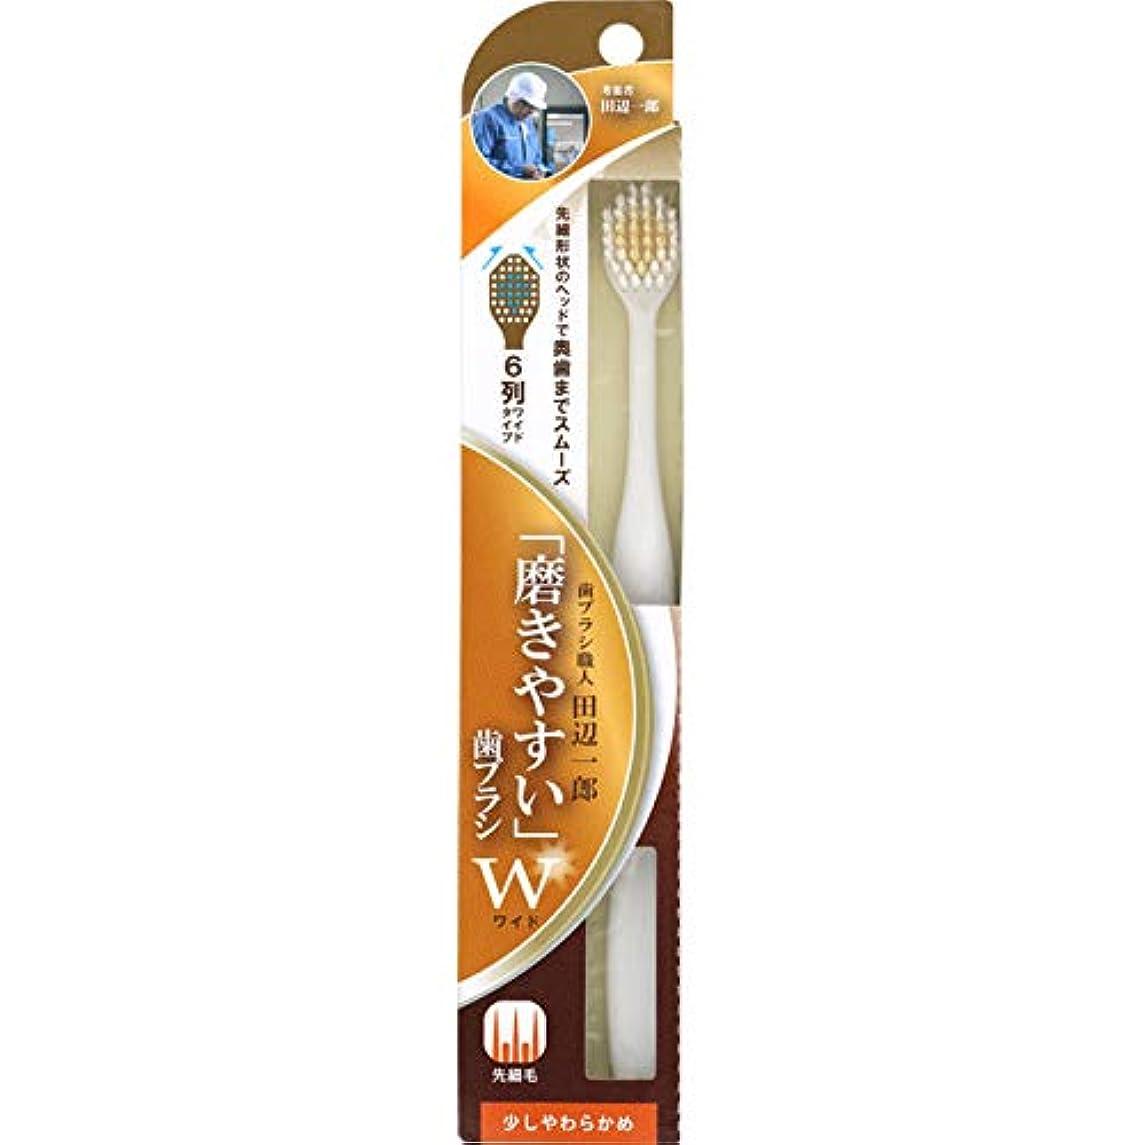 本体雑多な筋ライフレンジ LT-46 磨きやすい歯ブラシ ワイド 少しやわらかめ 1本入 ※カラーは選べません。